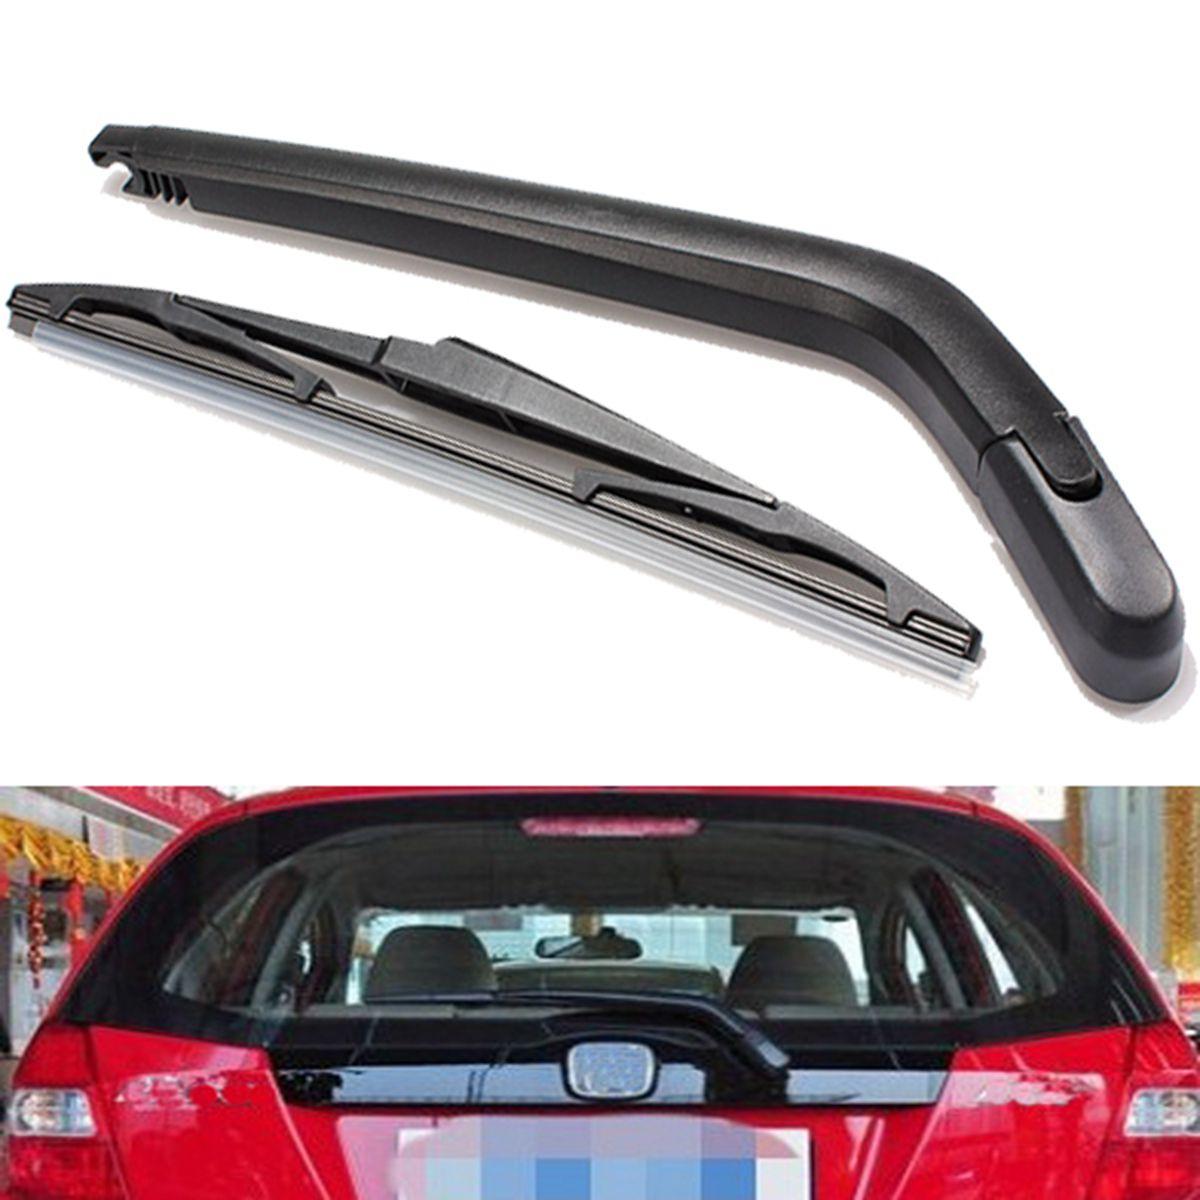 Neue Auto Windschutz Hinten Wischer Arm Und Klinge Für Toyota Yaris/für Vitz 1999 zu 2005